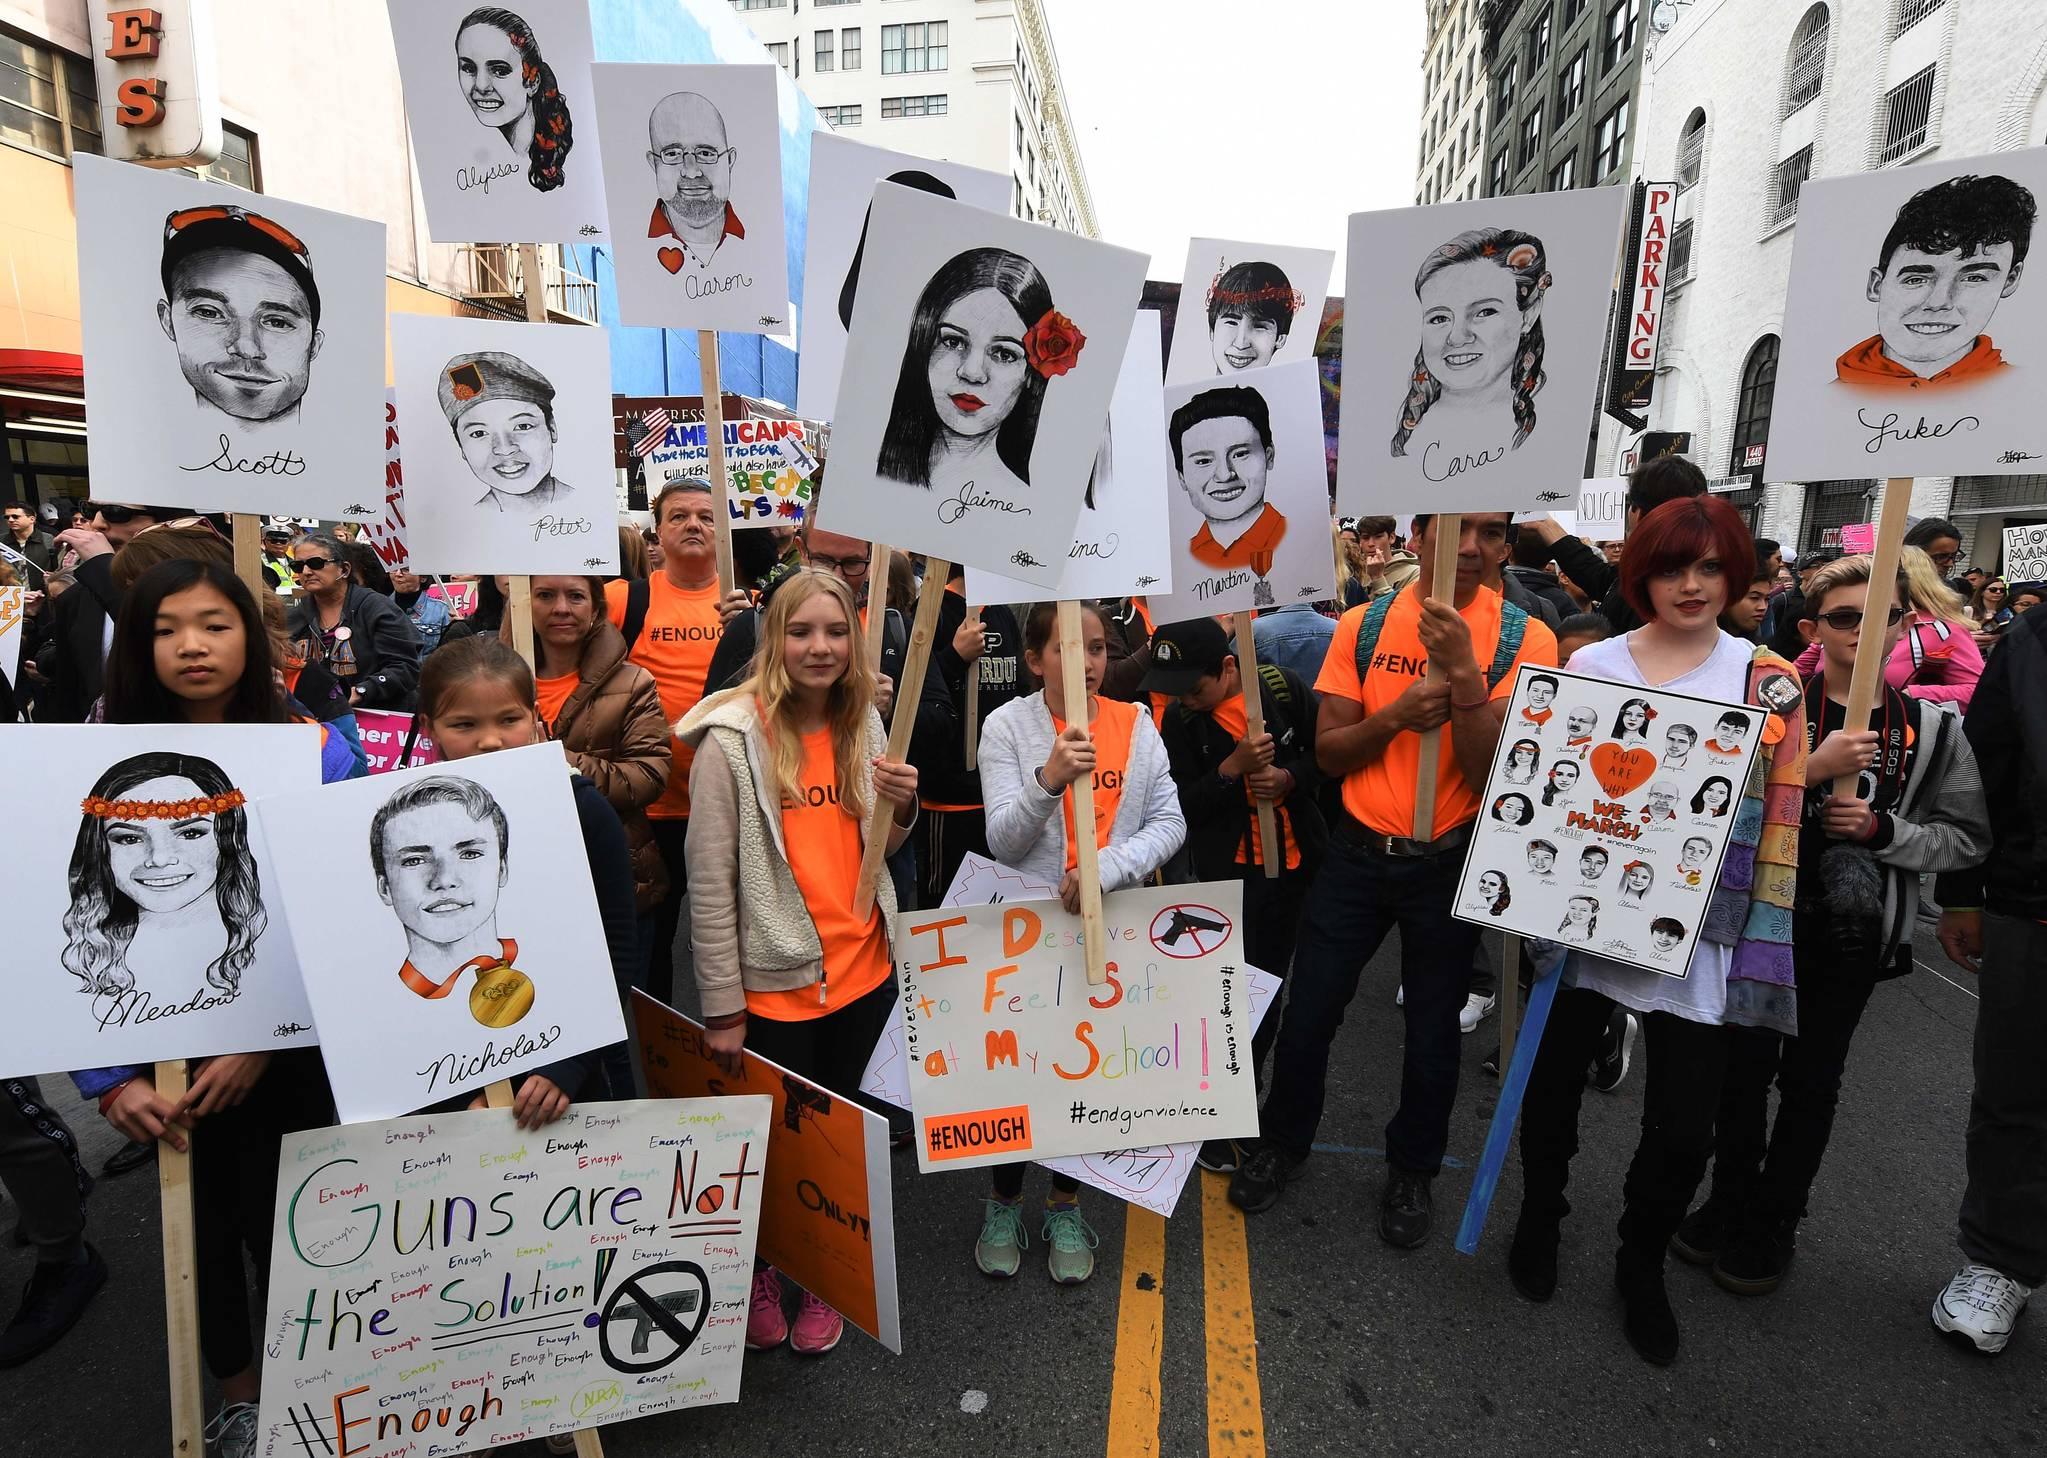 지난 3월 24일(현지시간) 워싱턴에서 총기 규제를 요구하며 '우리의 생명을 위한 행진'에 참가한 시민들이 희생자들의 얼굴이 그려진 손팻말을 들고 있다. [AFP=연합뉴스]